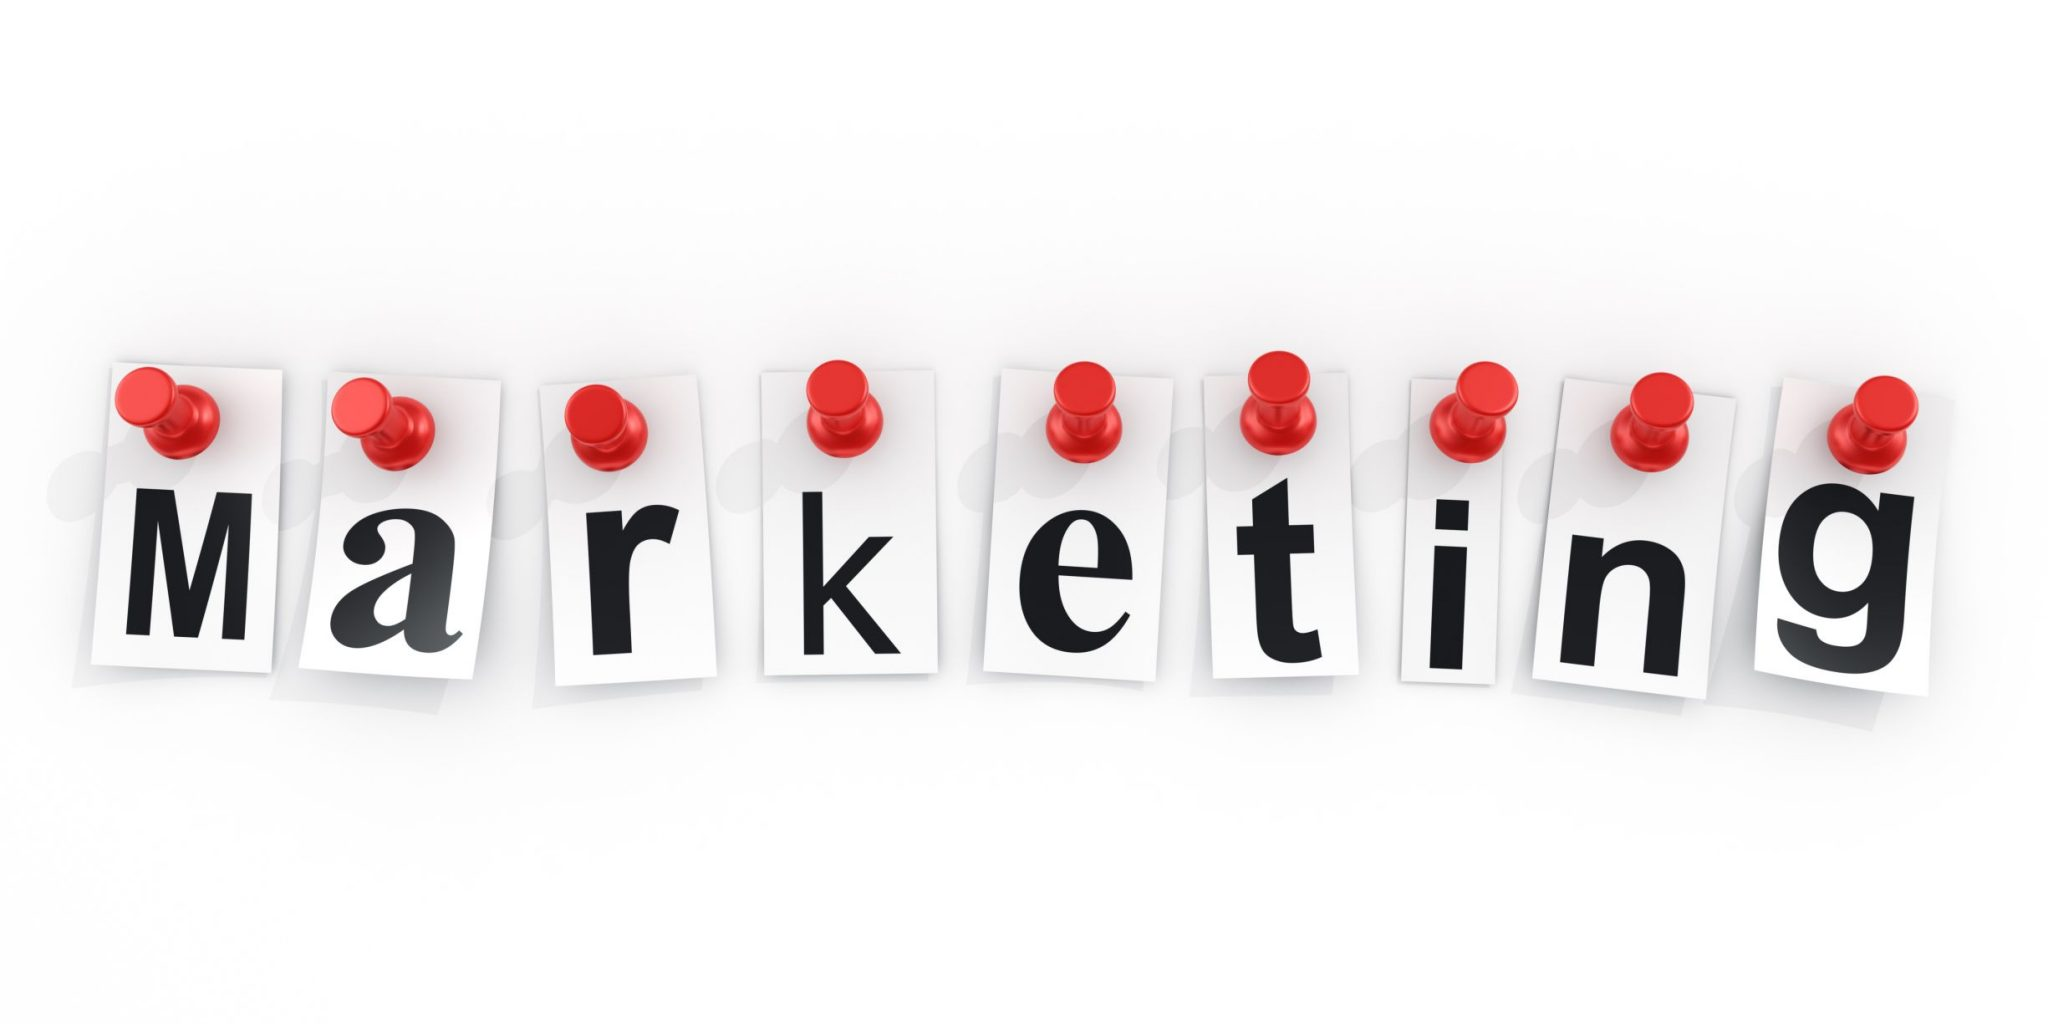 40 Dicas de Marketing de Baixo Custo.